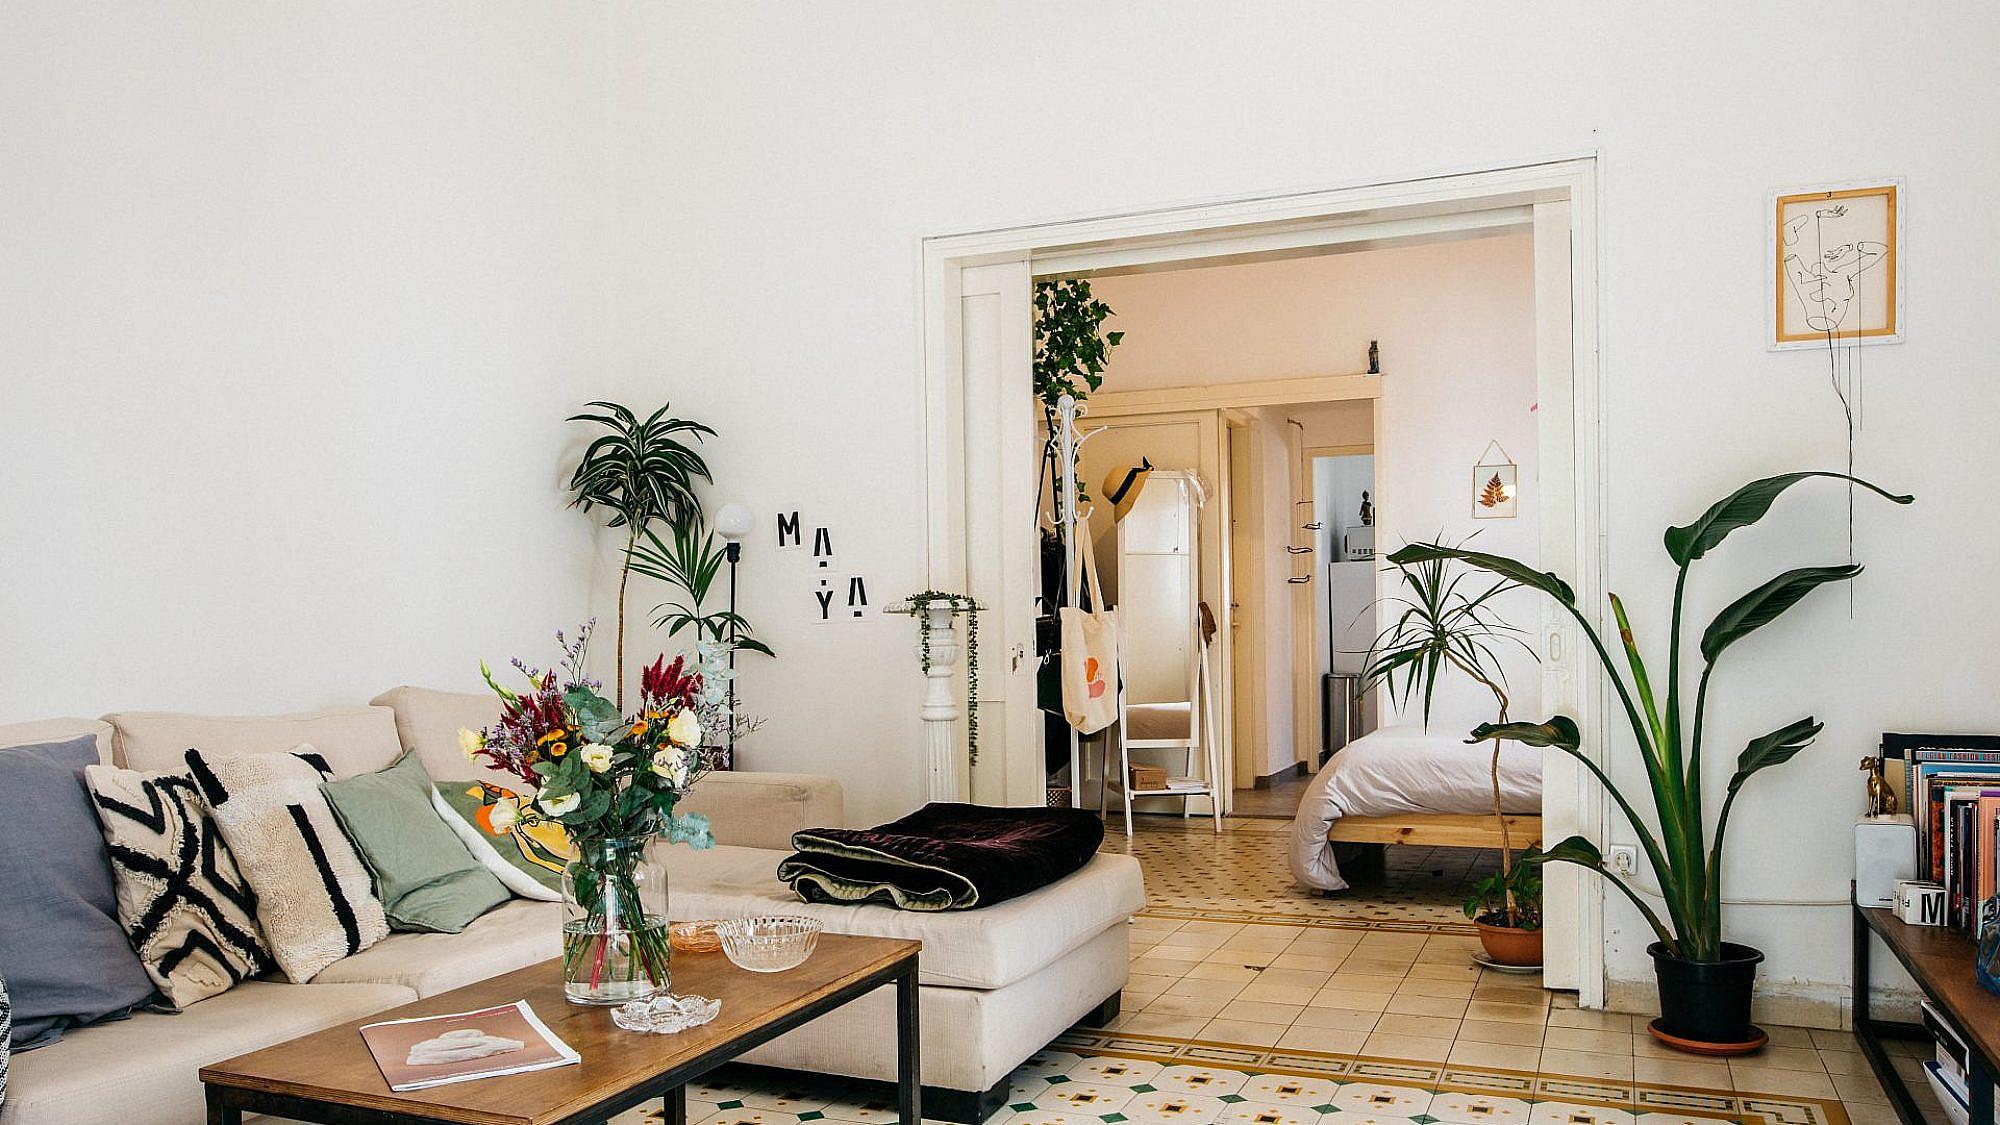 הדירה של מיה אגם (צילום: אור עדני)